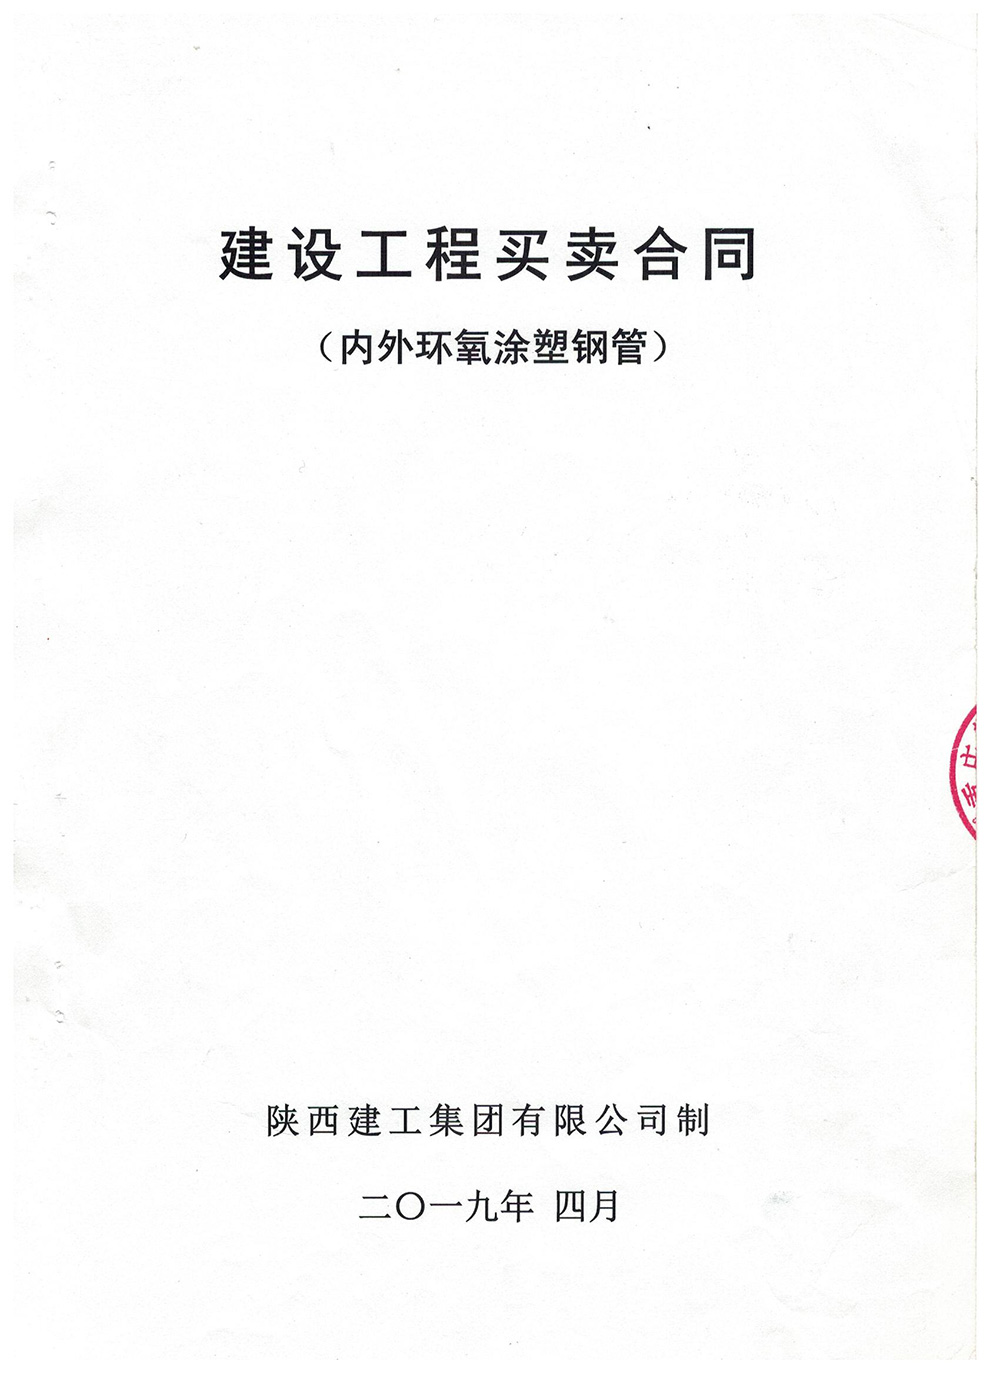 陕西建工集团有限公司建设工程买卖合同(内外环氧涂塑钢管)